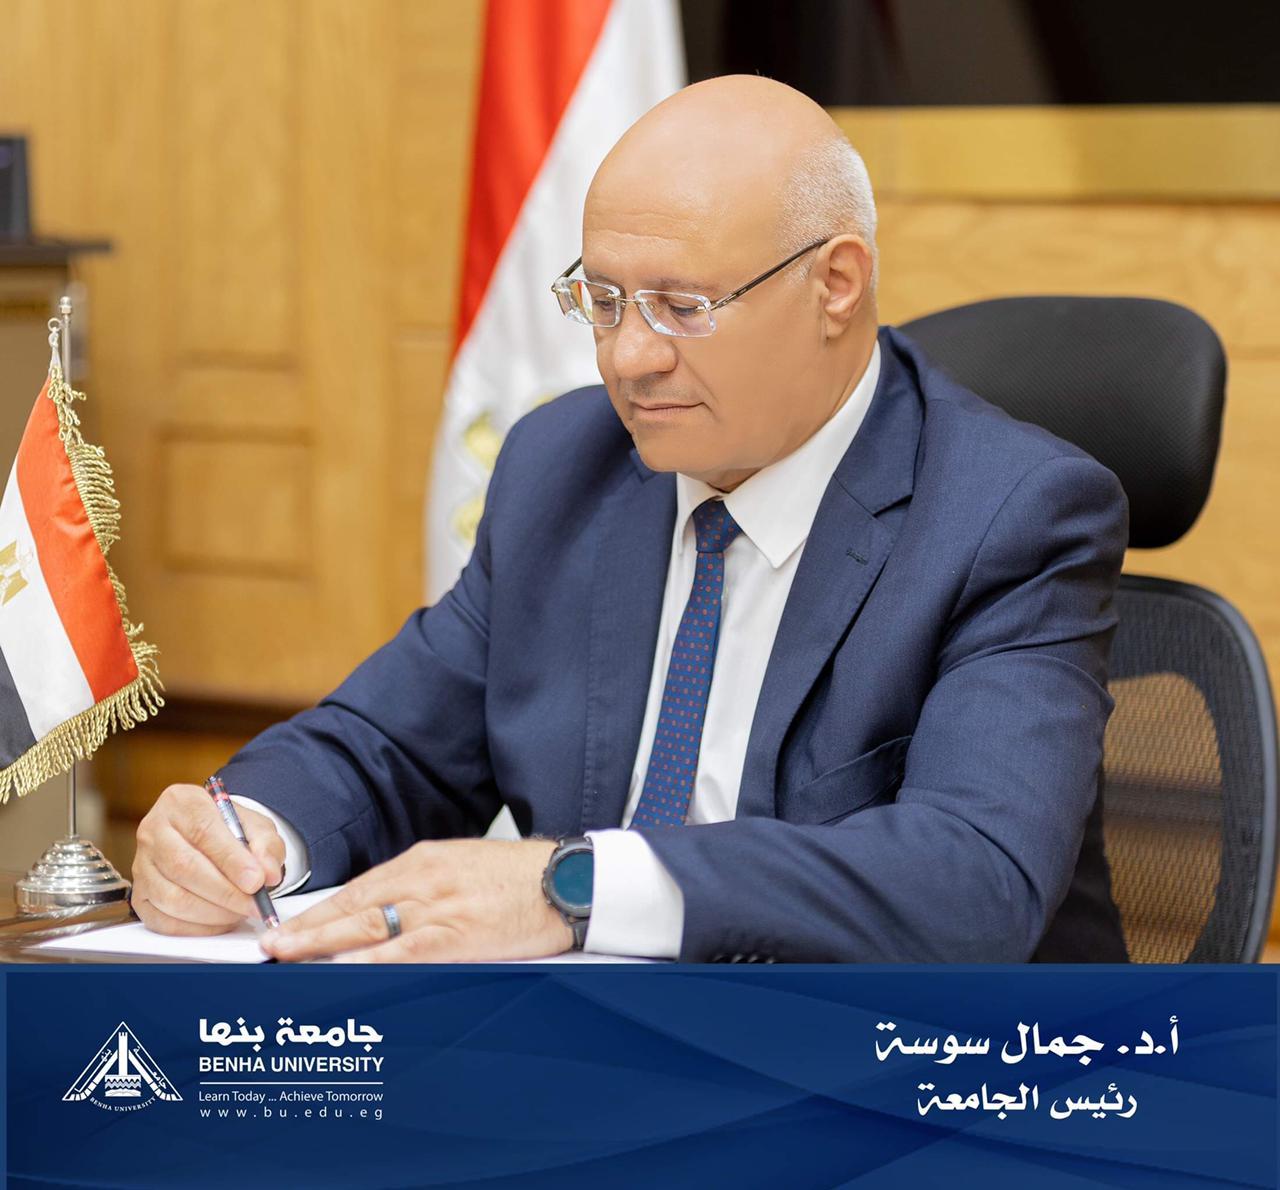 رئيس جامعة بنها يهنئ محمد عبدالفتاح لإنضمامه للجنة التنفيذية لمشروع الاختبارات المميكنة